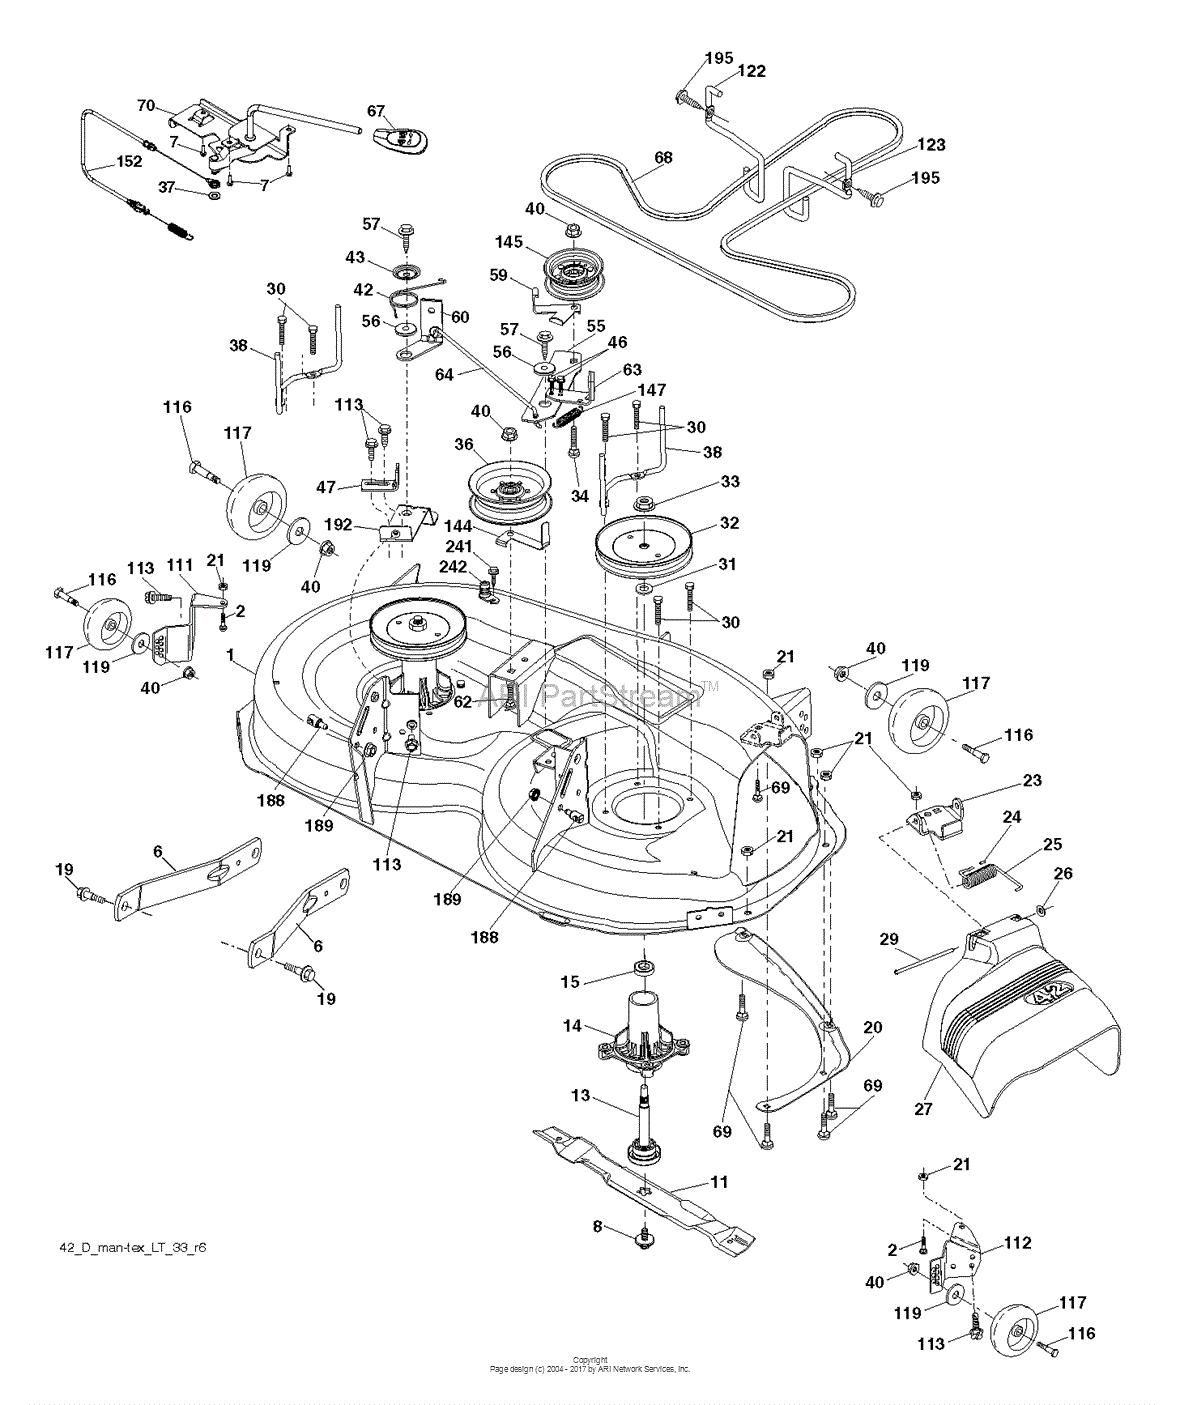 Poulan PB22H42YT - 96048005100 (2012-11) Parts Diagram for MOWER DECK ...